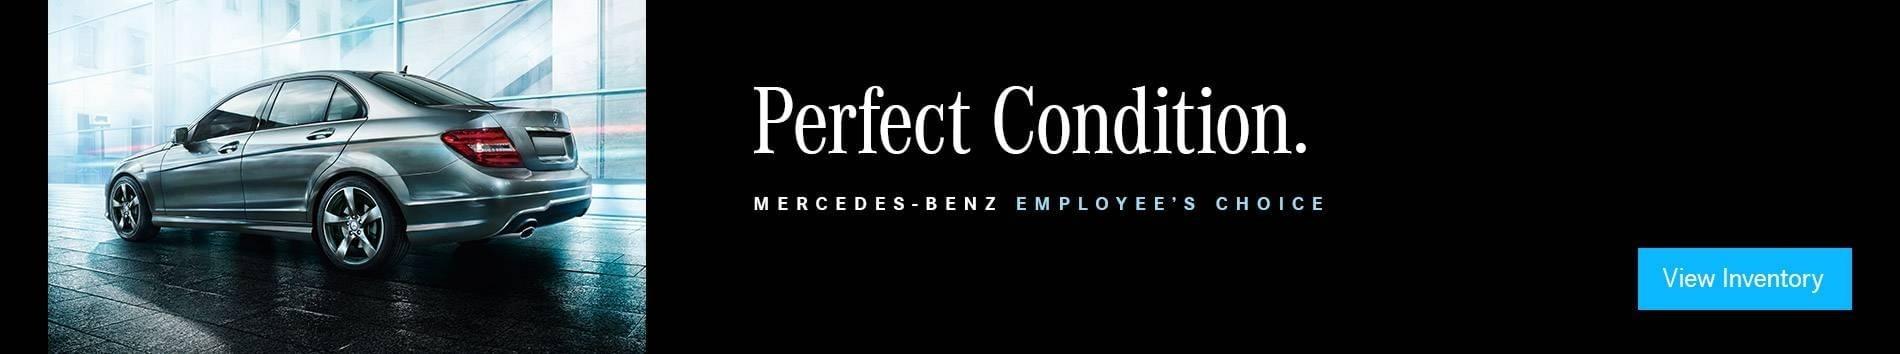 Cpo employee 39 s choice mercedes benz mississauga for Mercedes benz employee